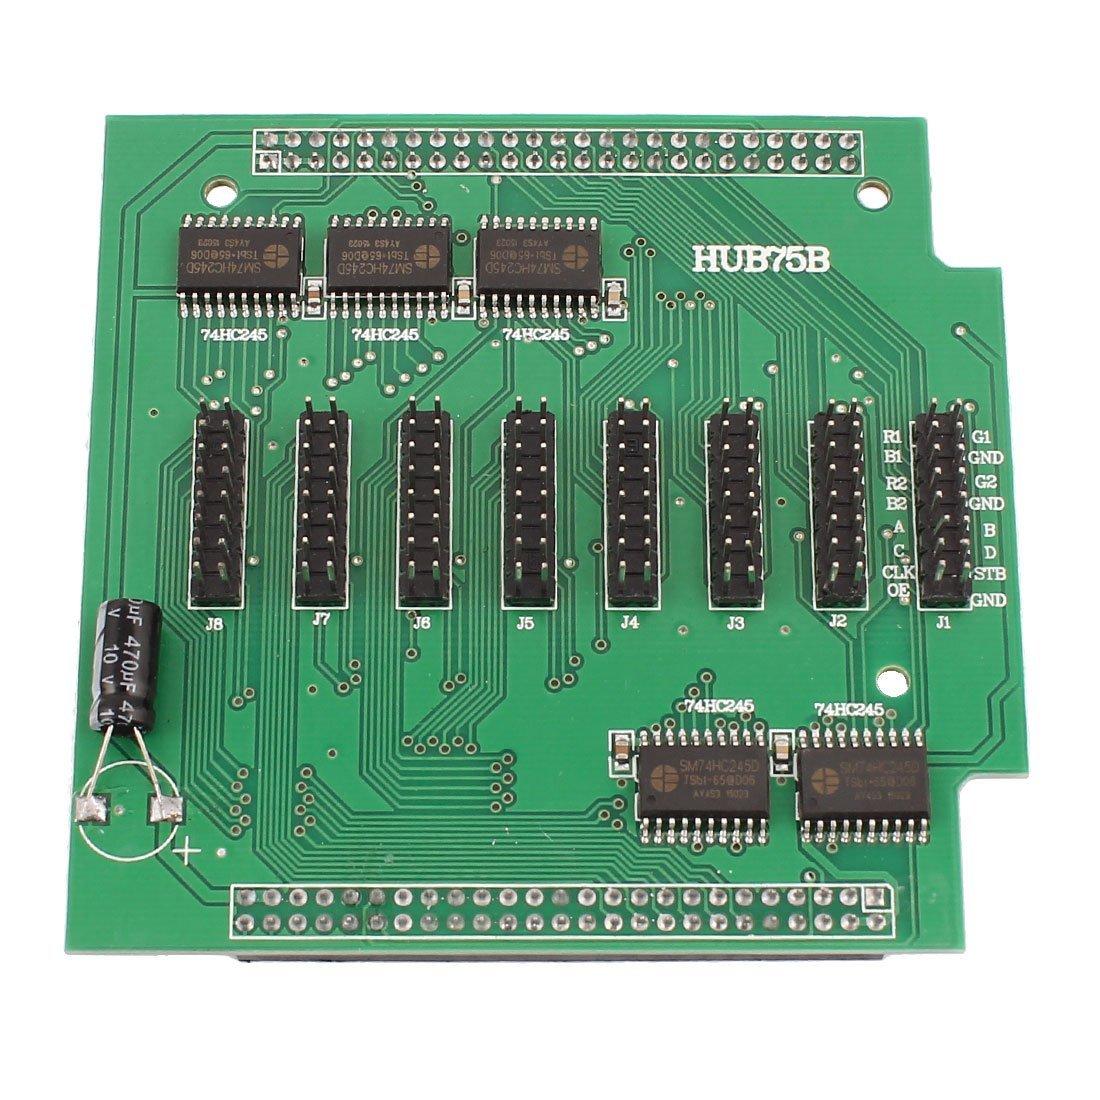 DealMux Pantalla LED de Pantalla Dual 50pin Puerto del convertidor del Consejo HUB75B DLM-B01B5QSK2M